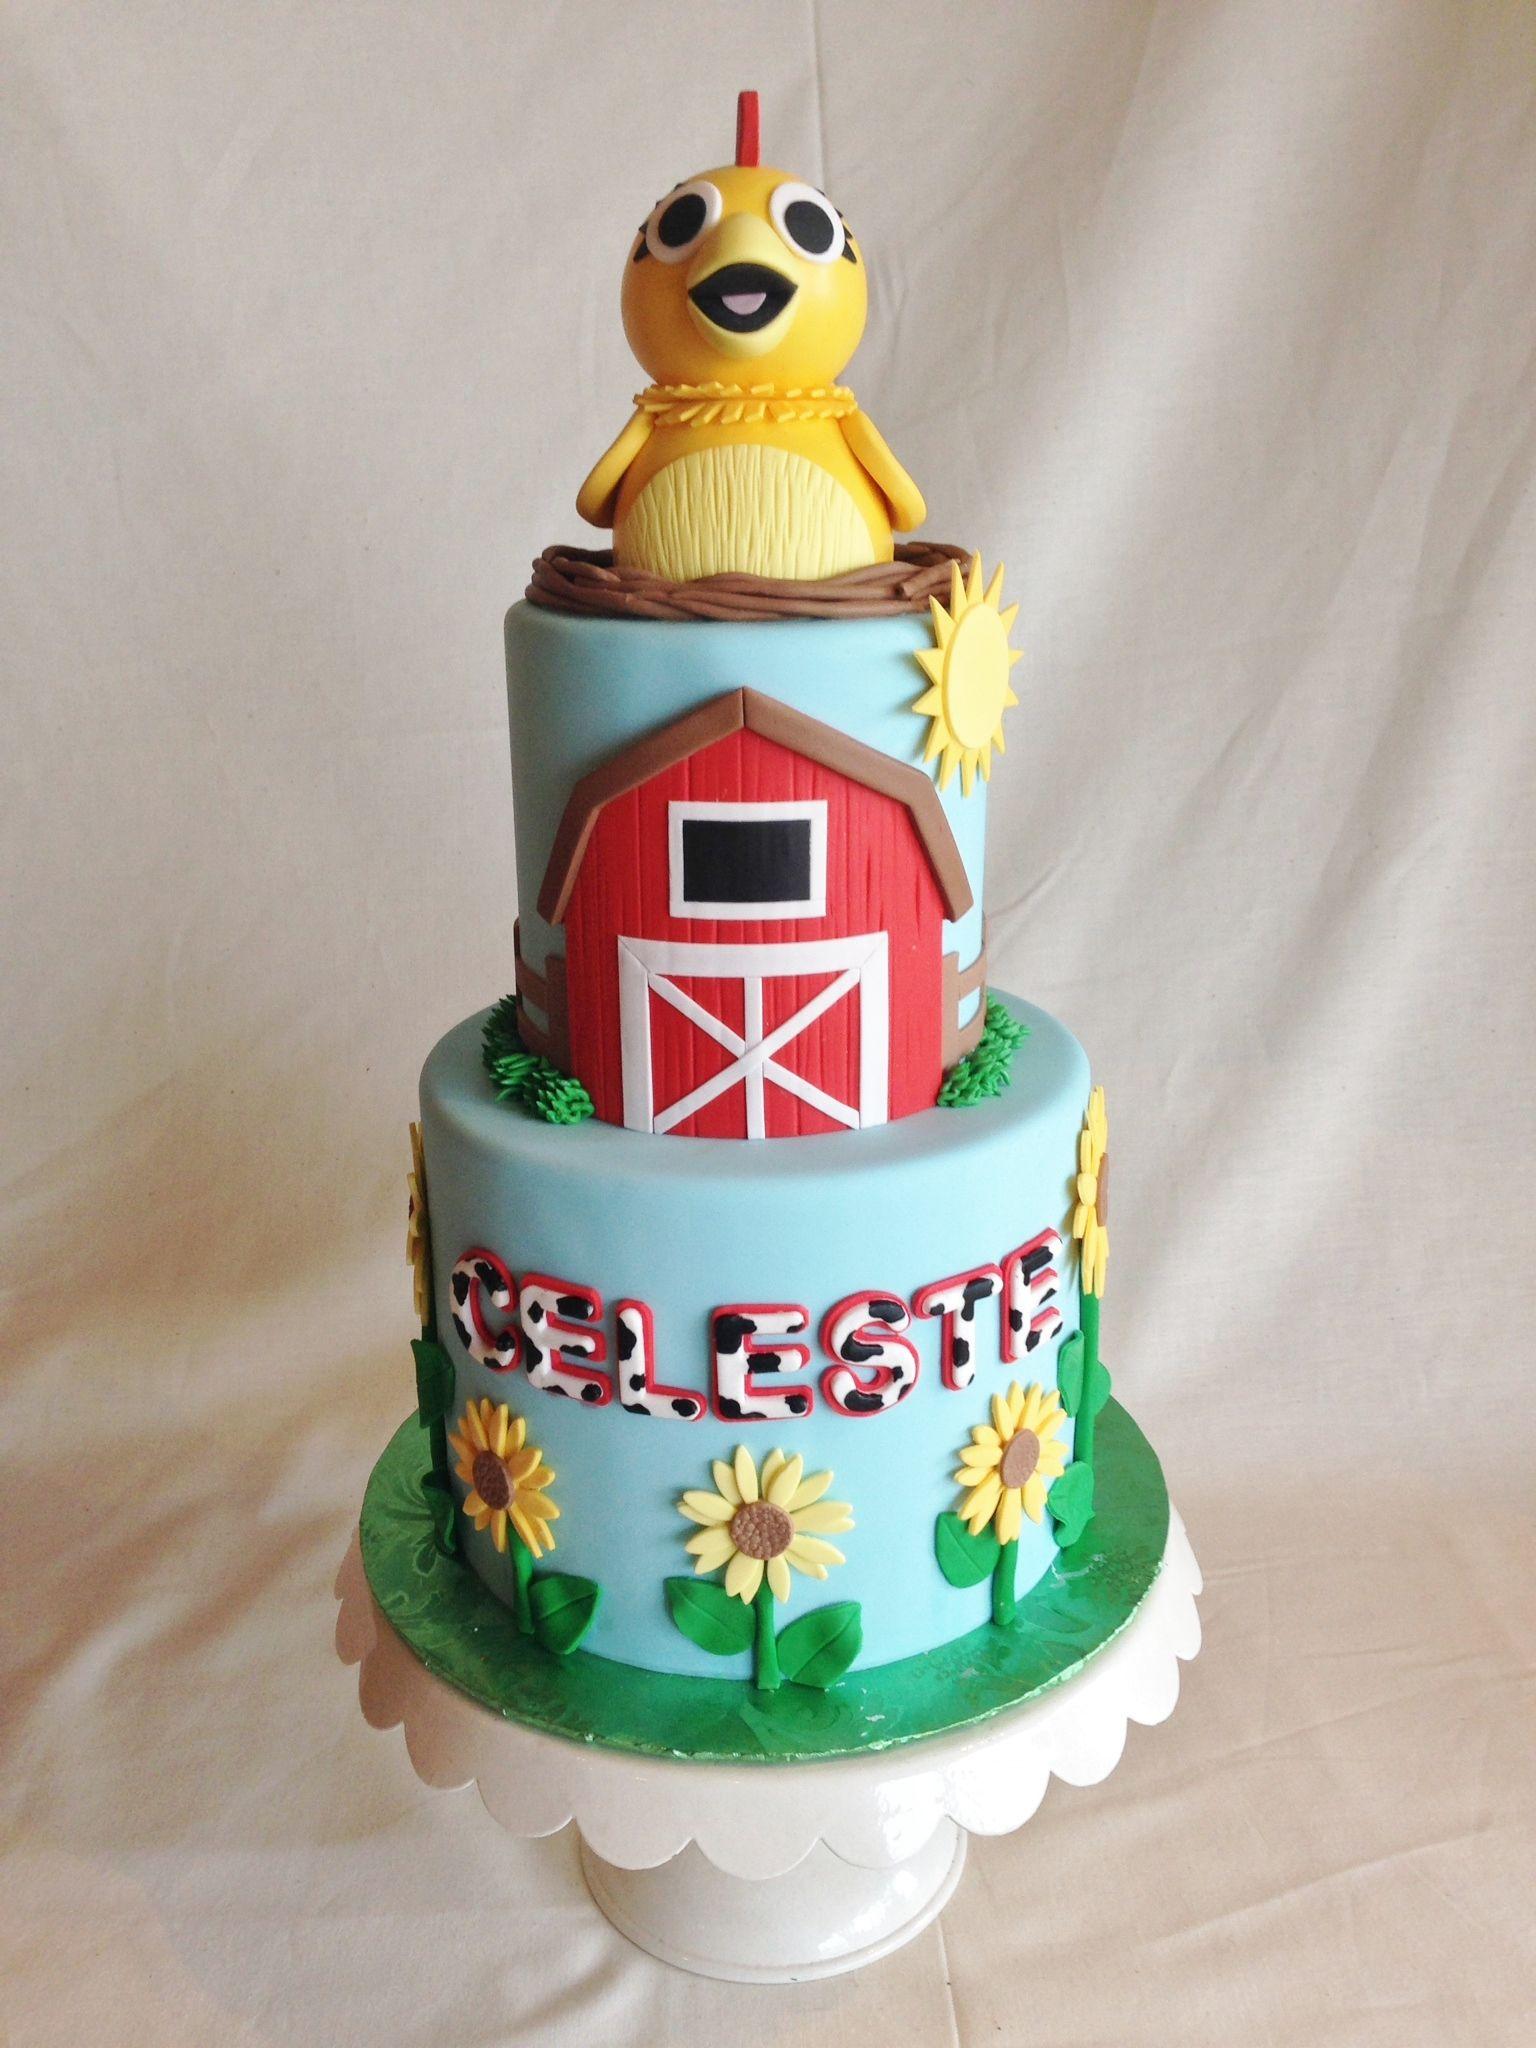 Birthday cake kids cake sunny side up custom topper